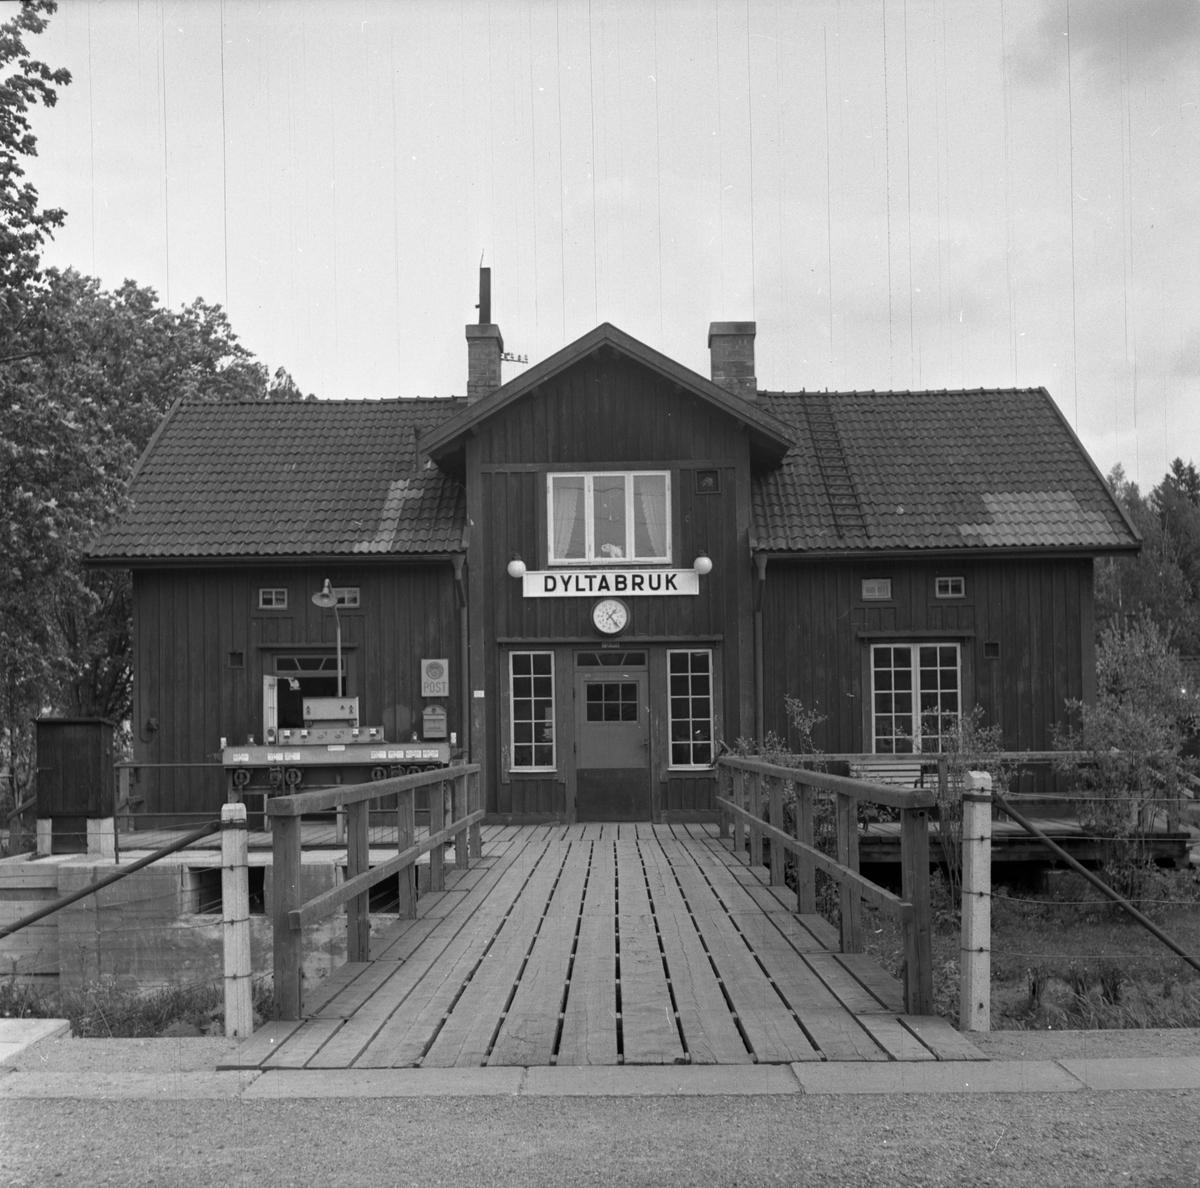 Dylta bruk stationshus. Stationen togs i bruk 1856 och var från början en gammal prästbostad.